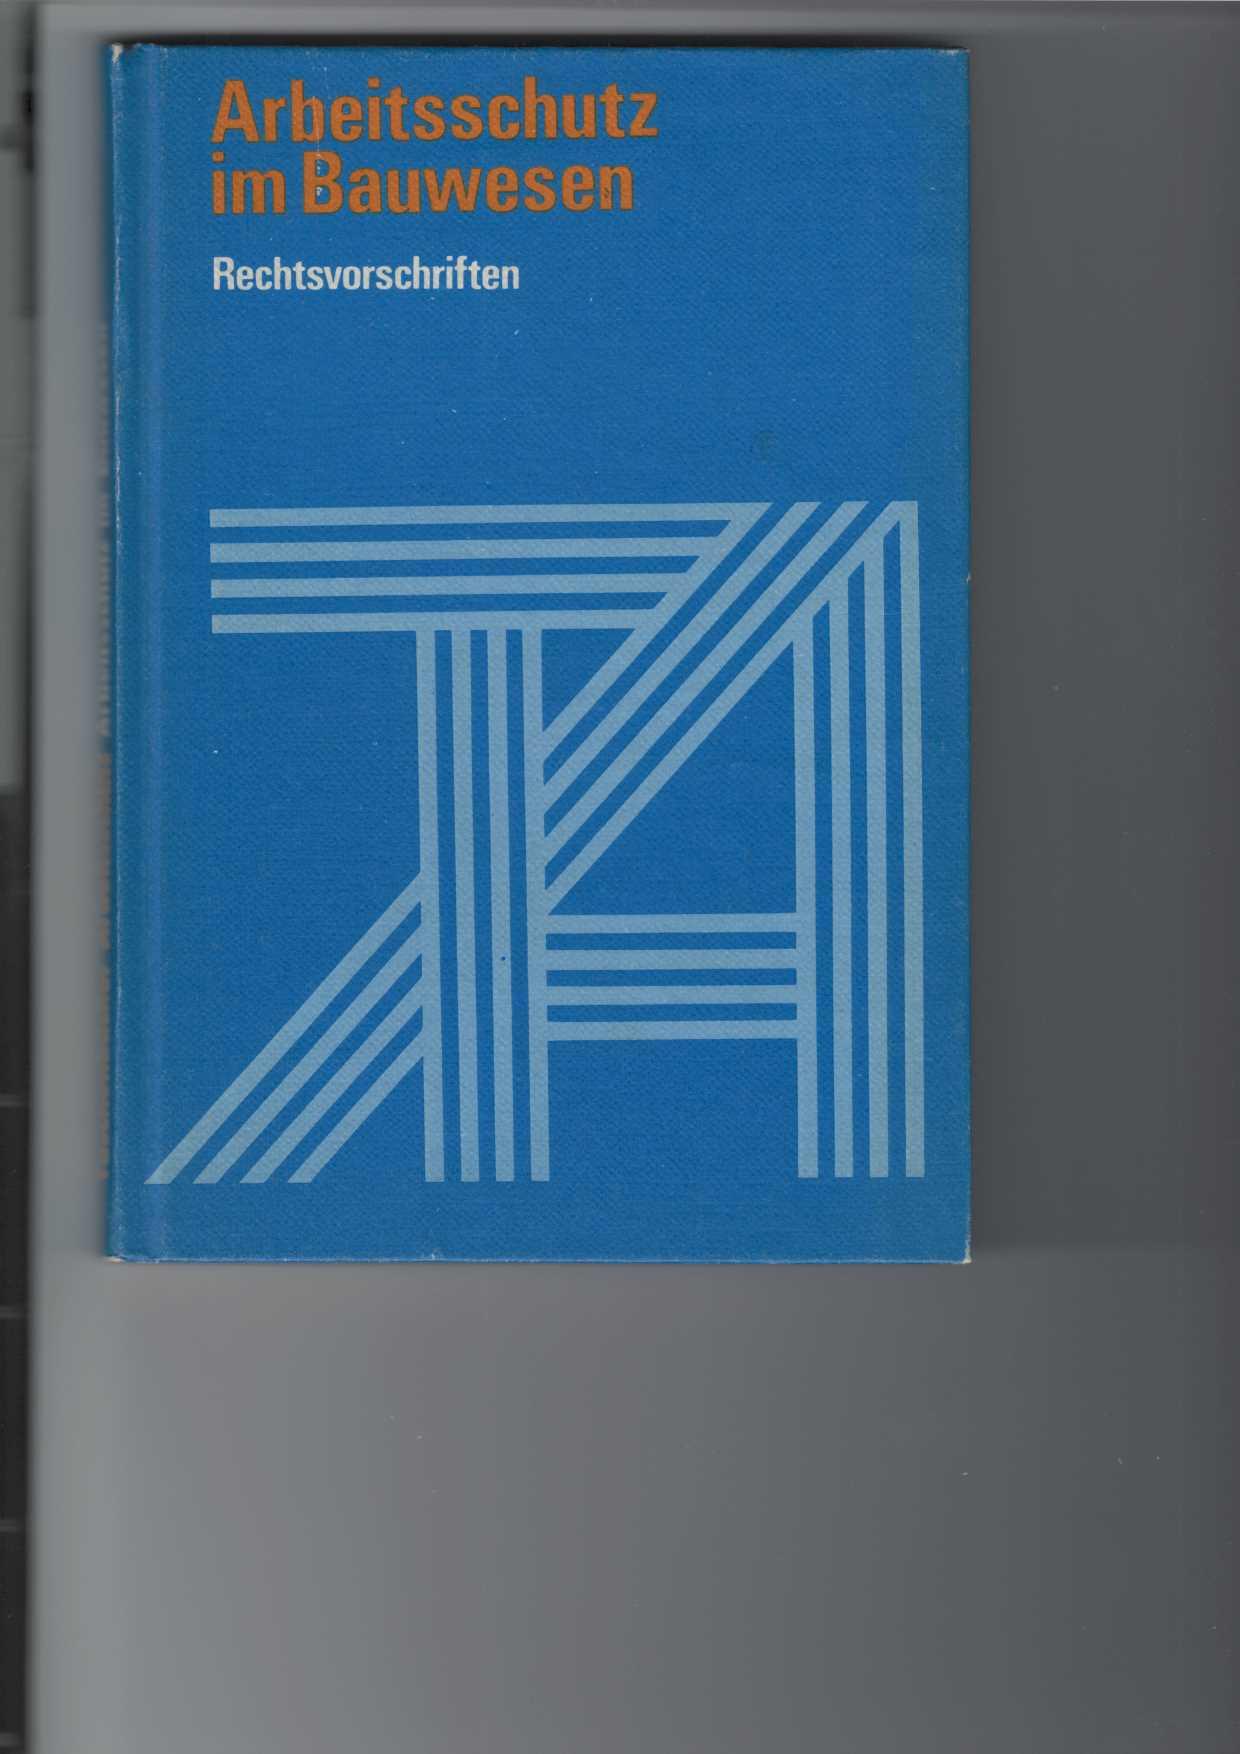 Arbeitsschutz im Bauwesen. Rechtsvorschriften. Taschenbücher Arbeitsschutz. 1. Aufl.,